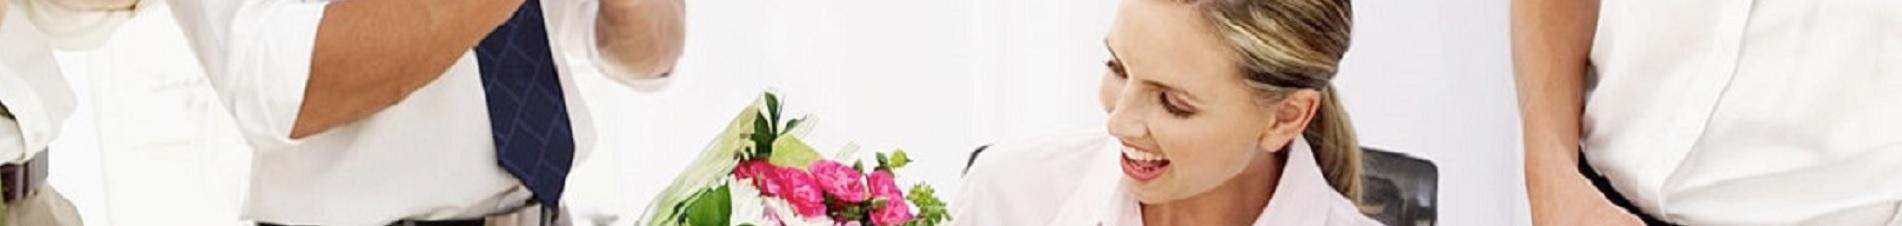 bloemen versturen naar  secretaressedag